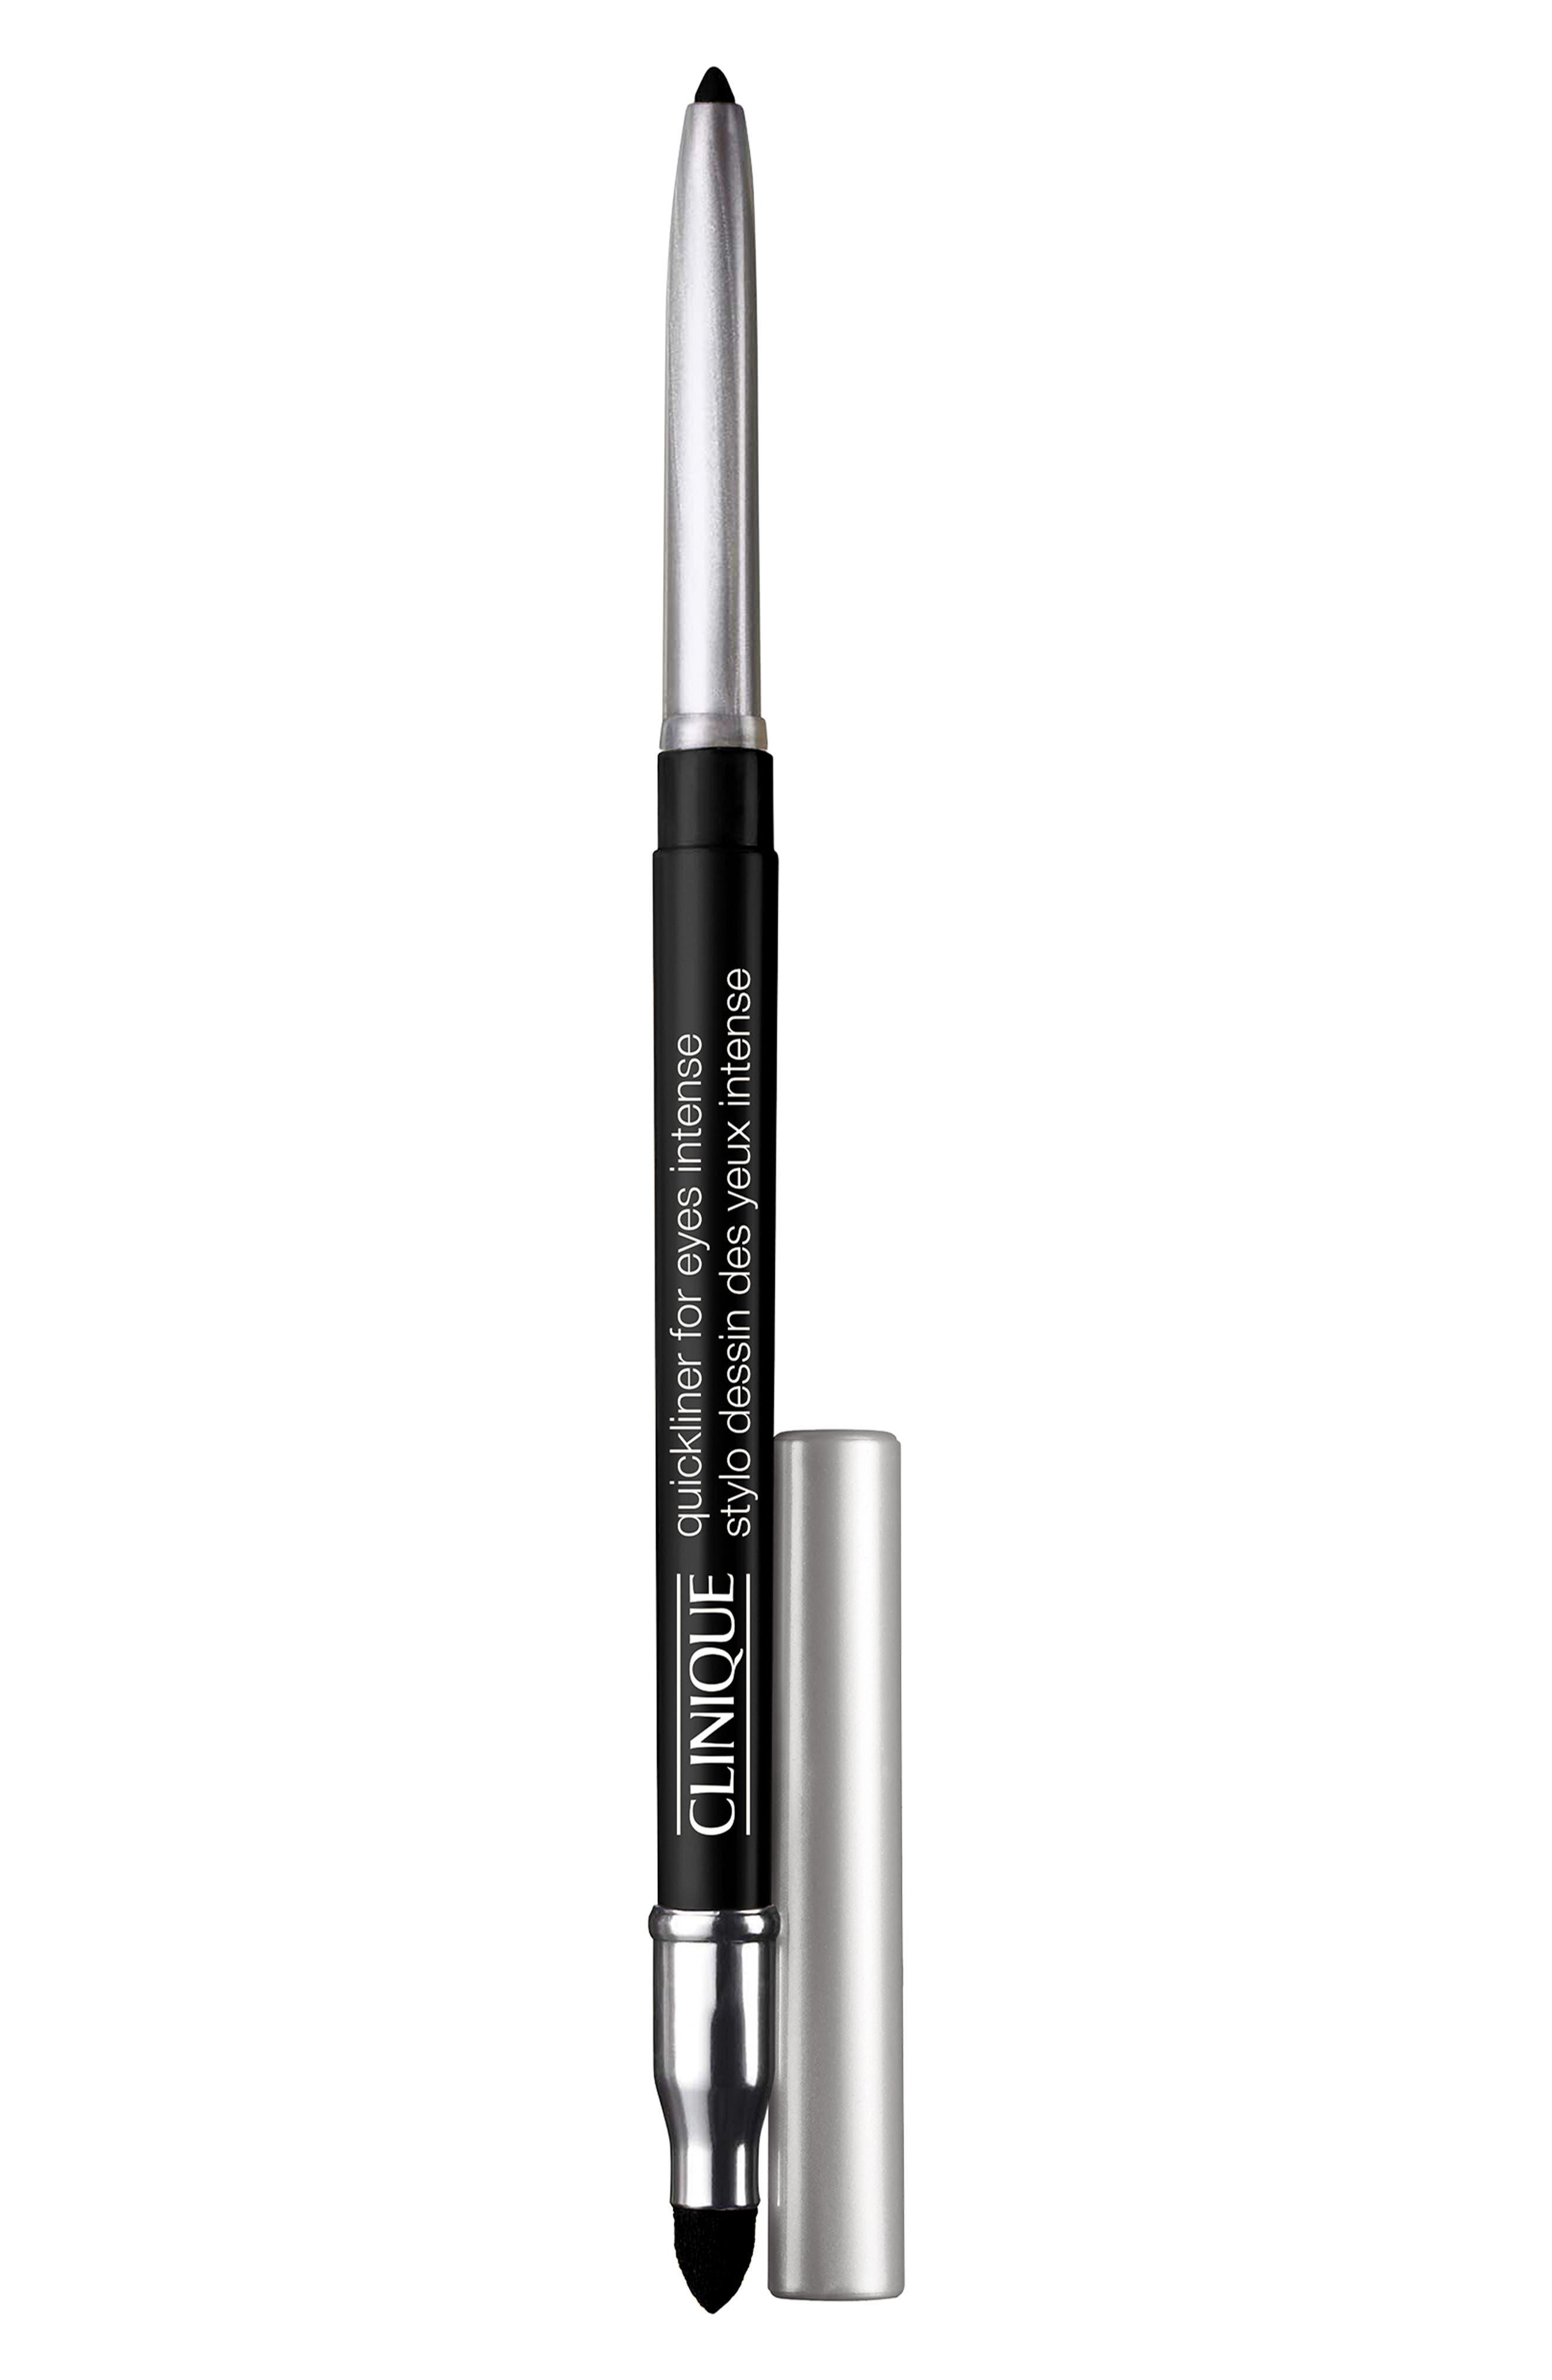 Clinique Quickliner For Eyes Intense Eyeliner Pencil - Intense Ebony